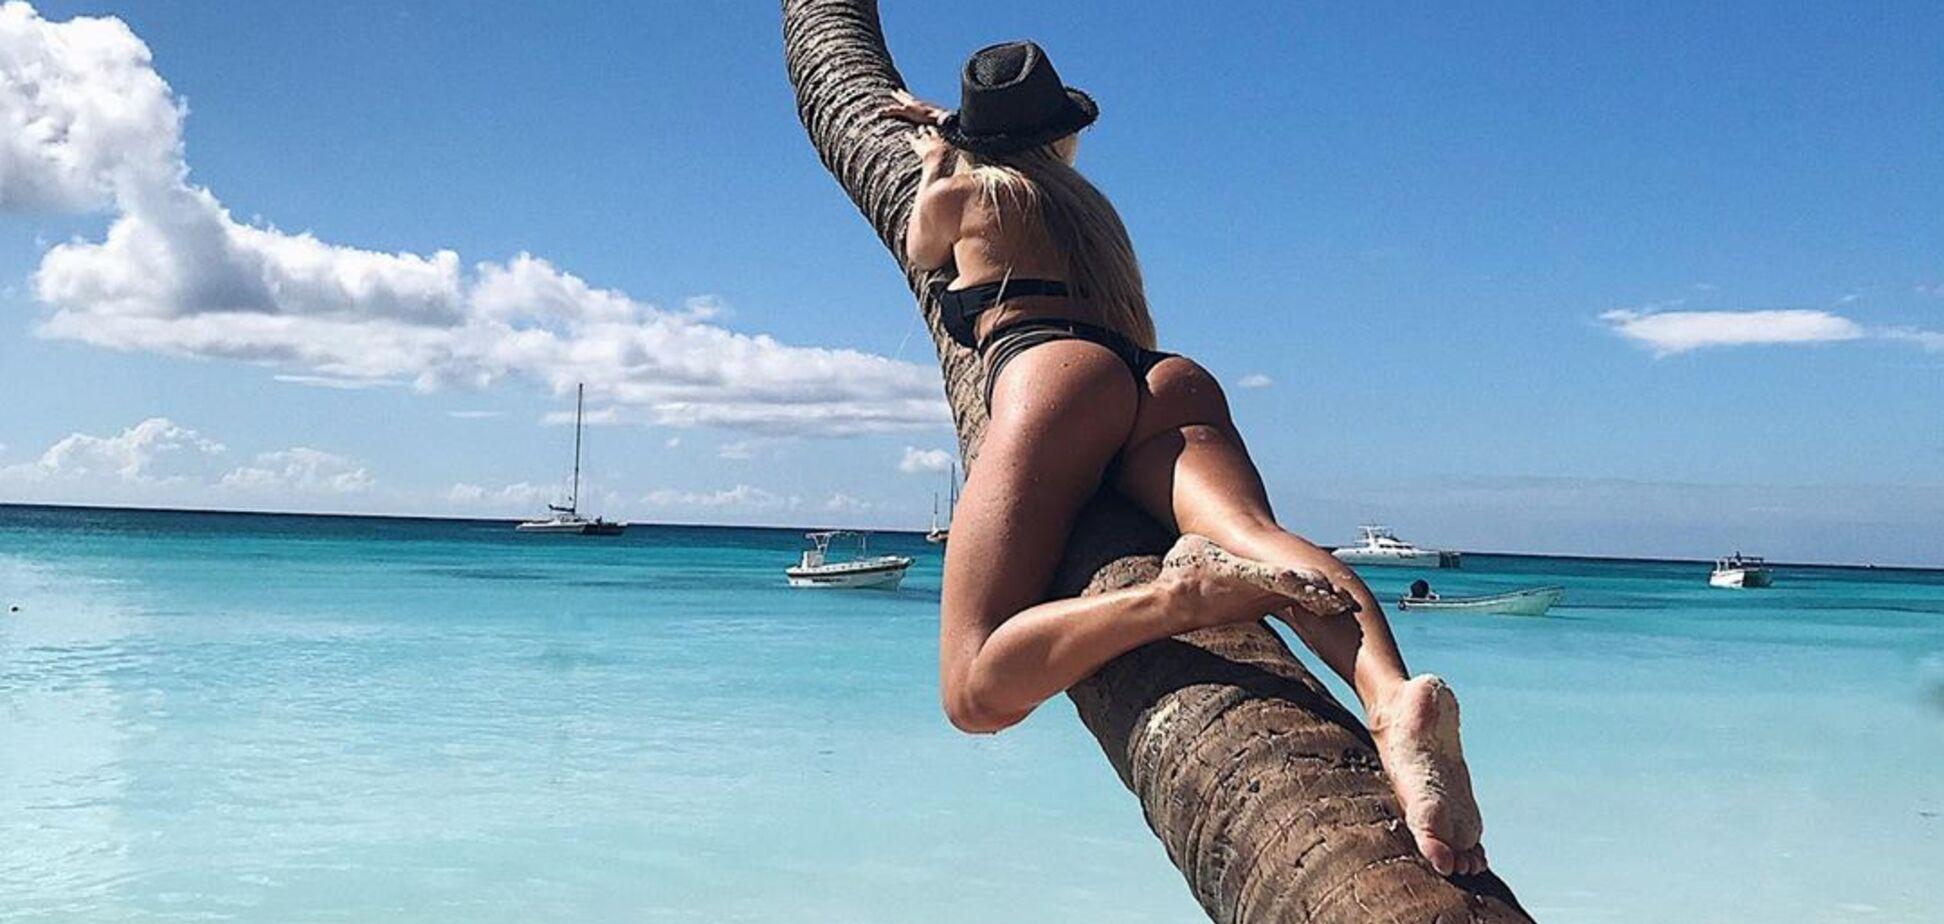 Раздетая невеста футболиста сборной Украины Артема Шабанова залезла на пальму